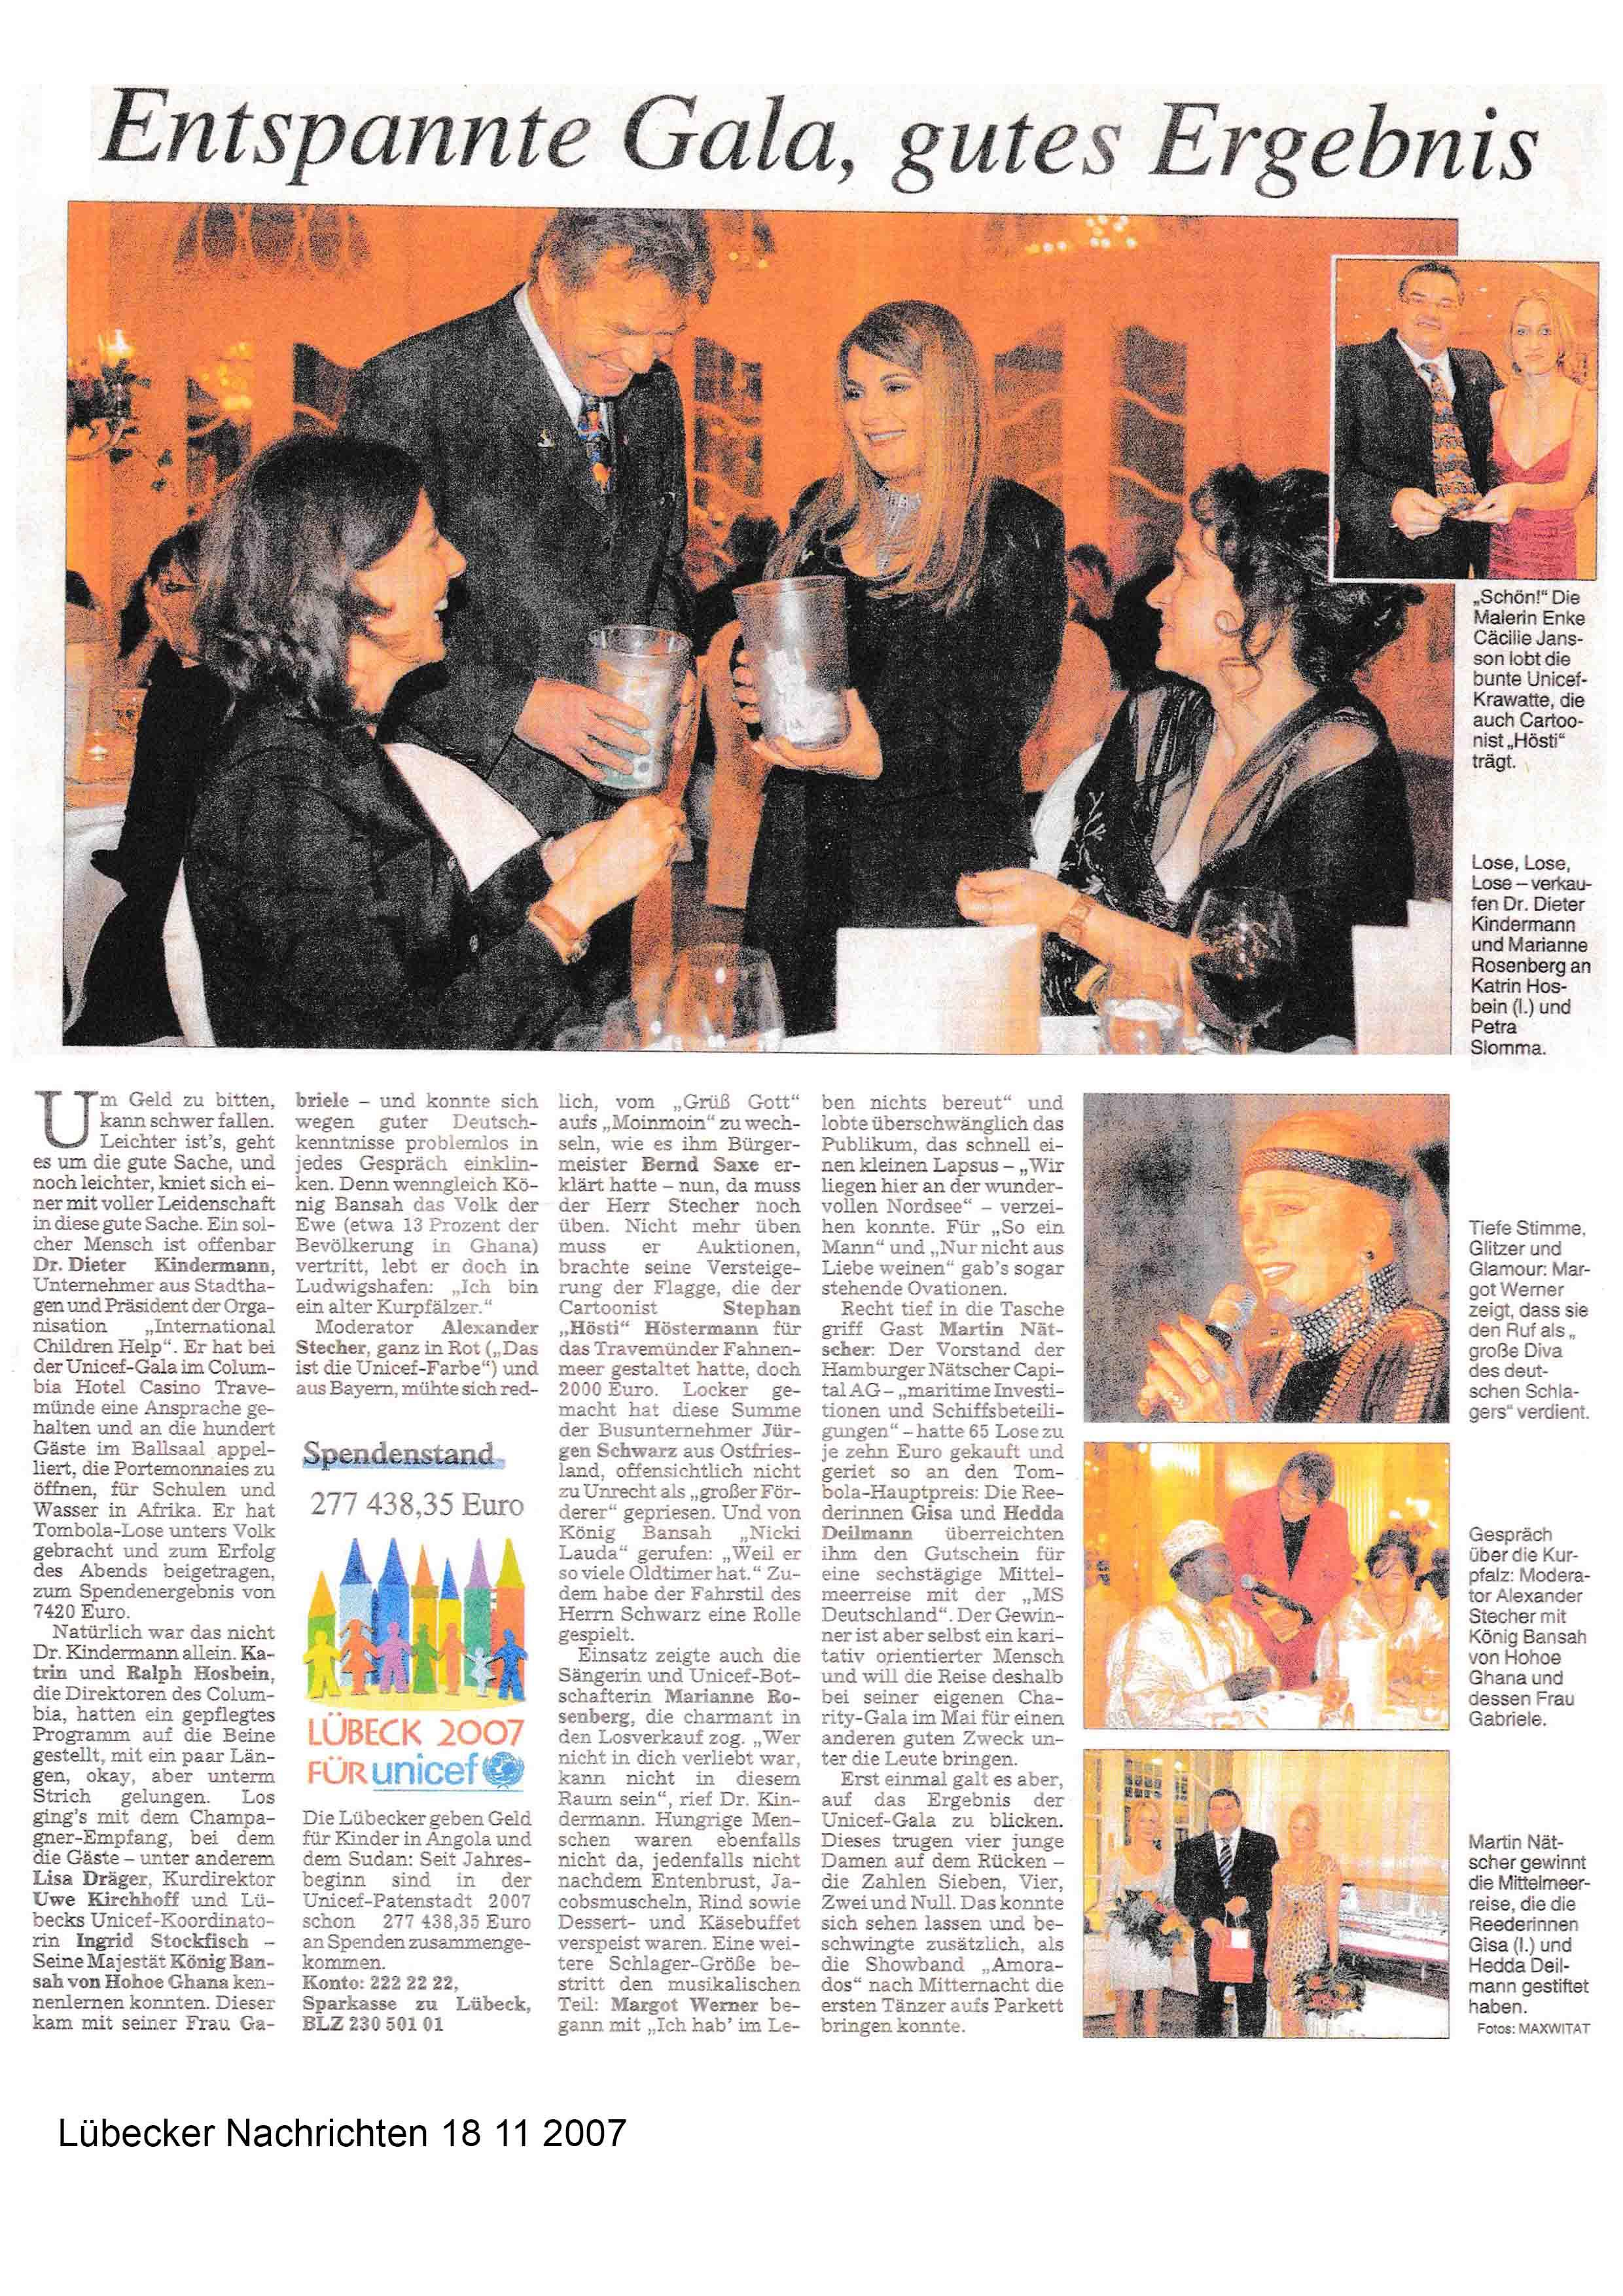 Lübecker Nachrichten 18 11 2007